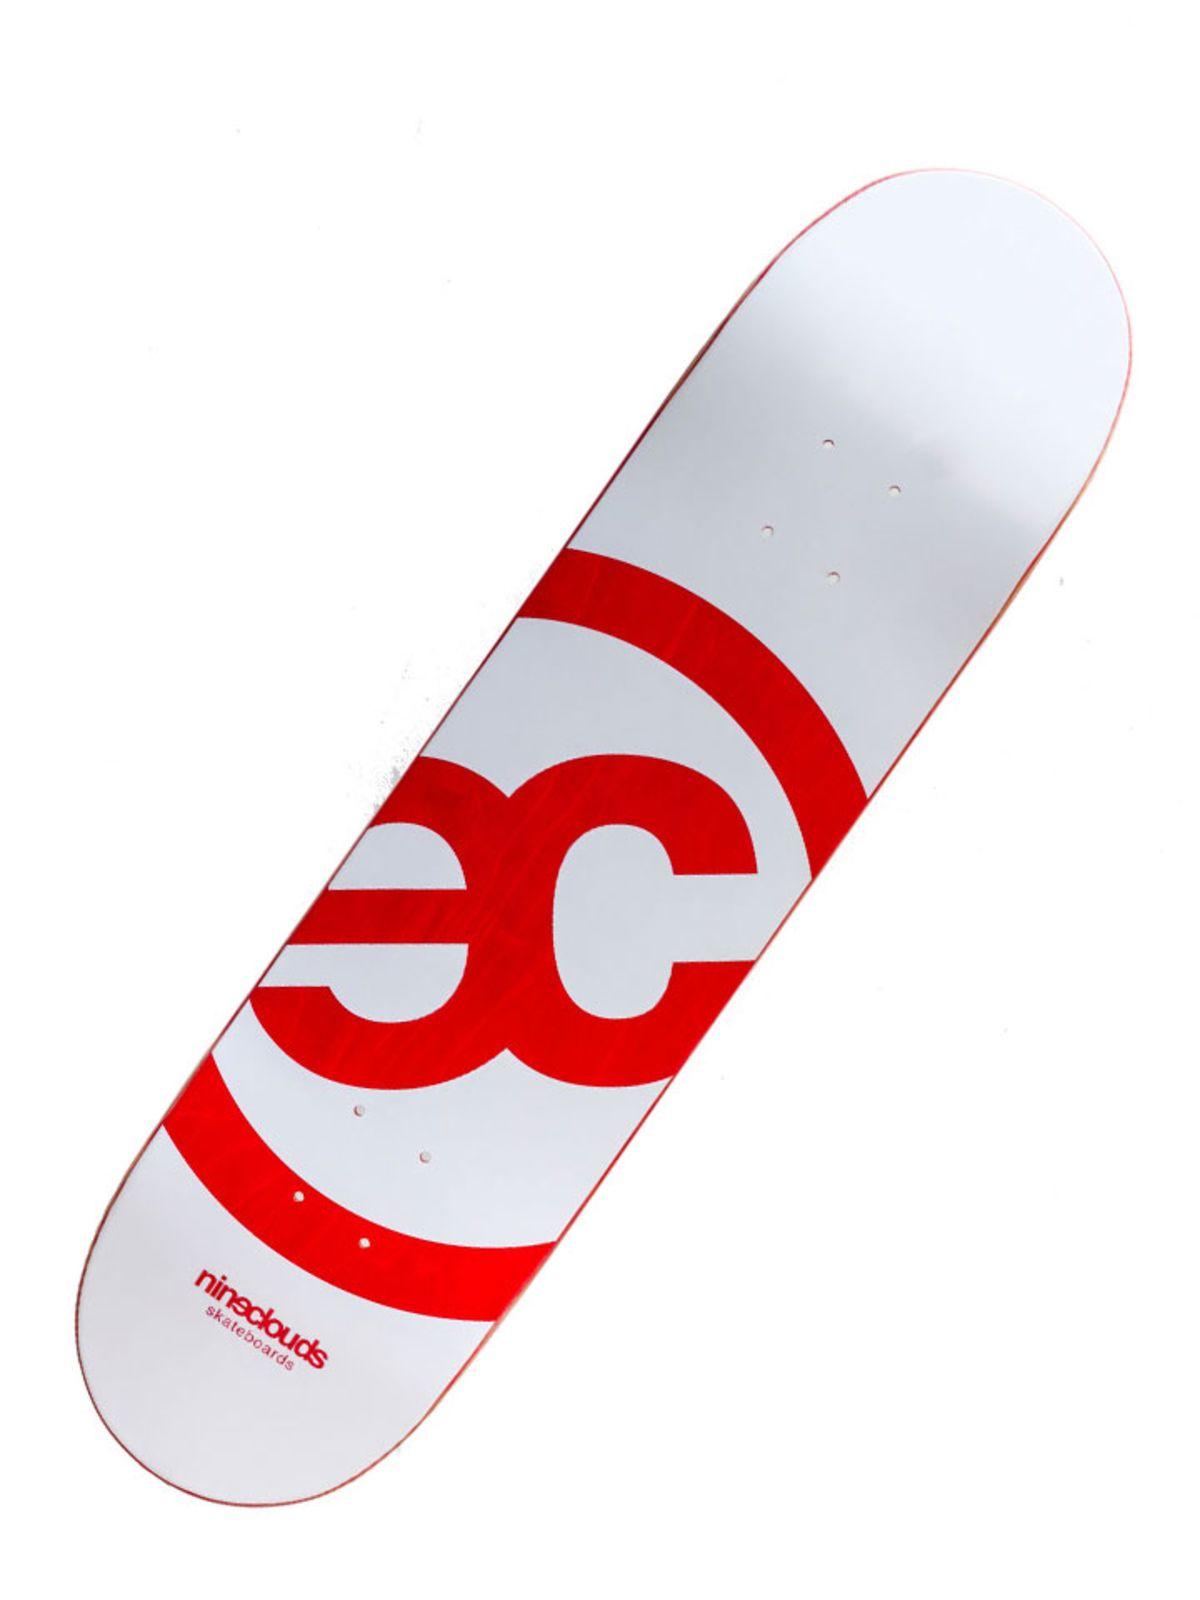 shape-nineclouds-logo-va-red-825-1-image